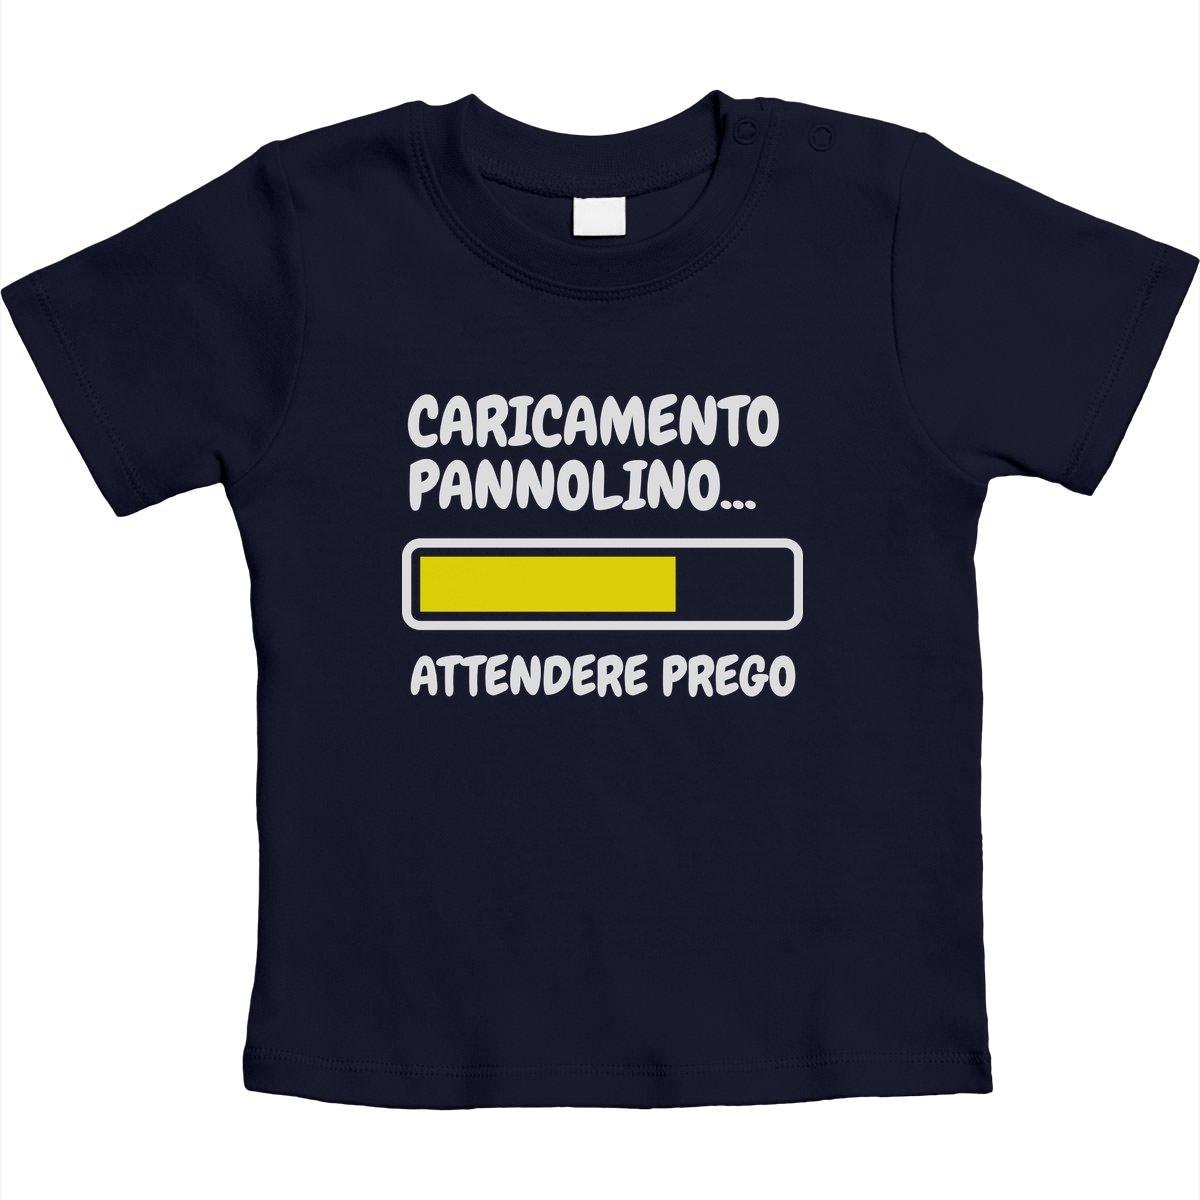 Shirtgeil Caricamento Pannolino, Attendere Prego. Regalo Neonato Maglietta Neonato Unisex VlDCSCS68E1hhE